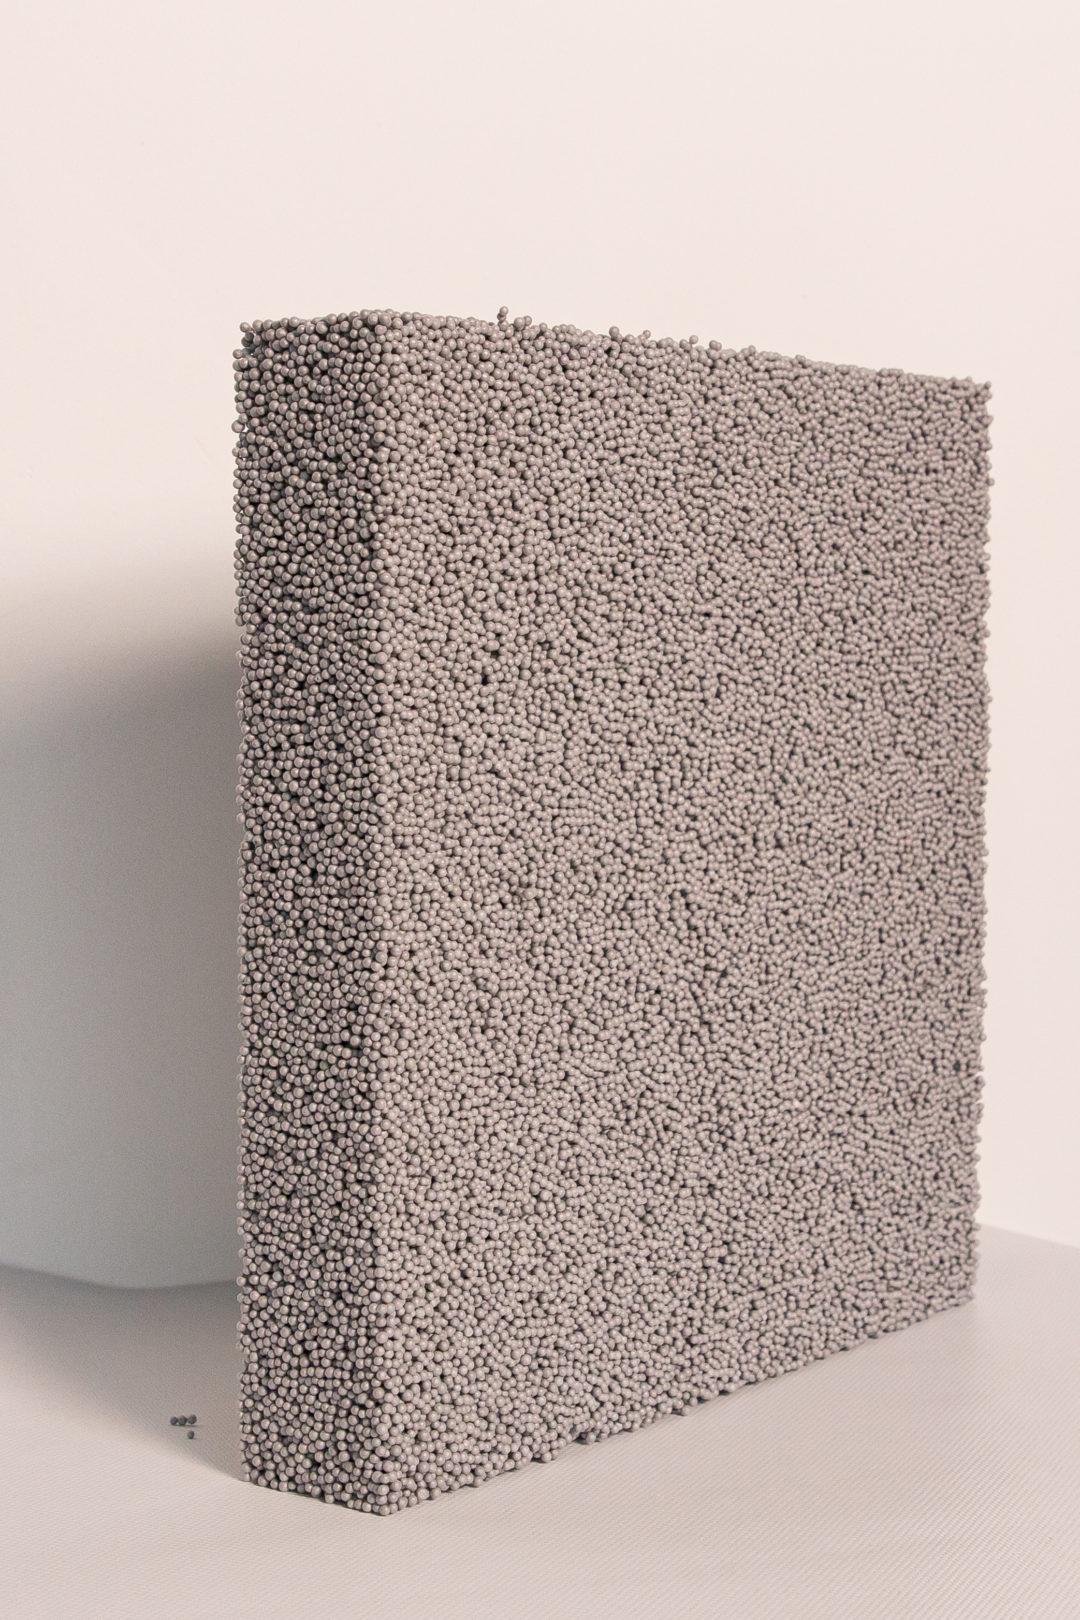 Billes de polystyrene agglomérées